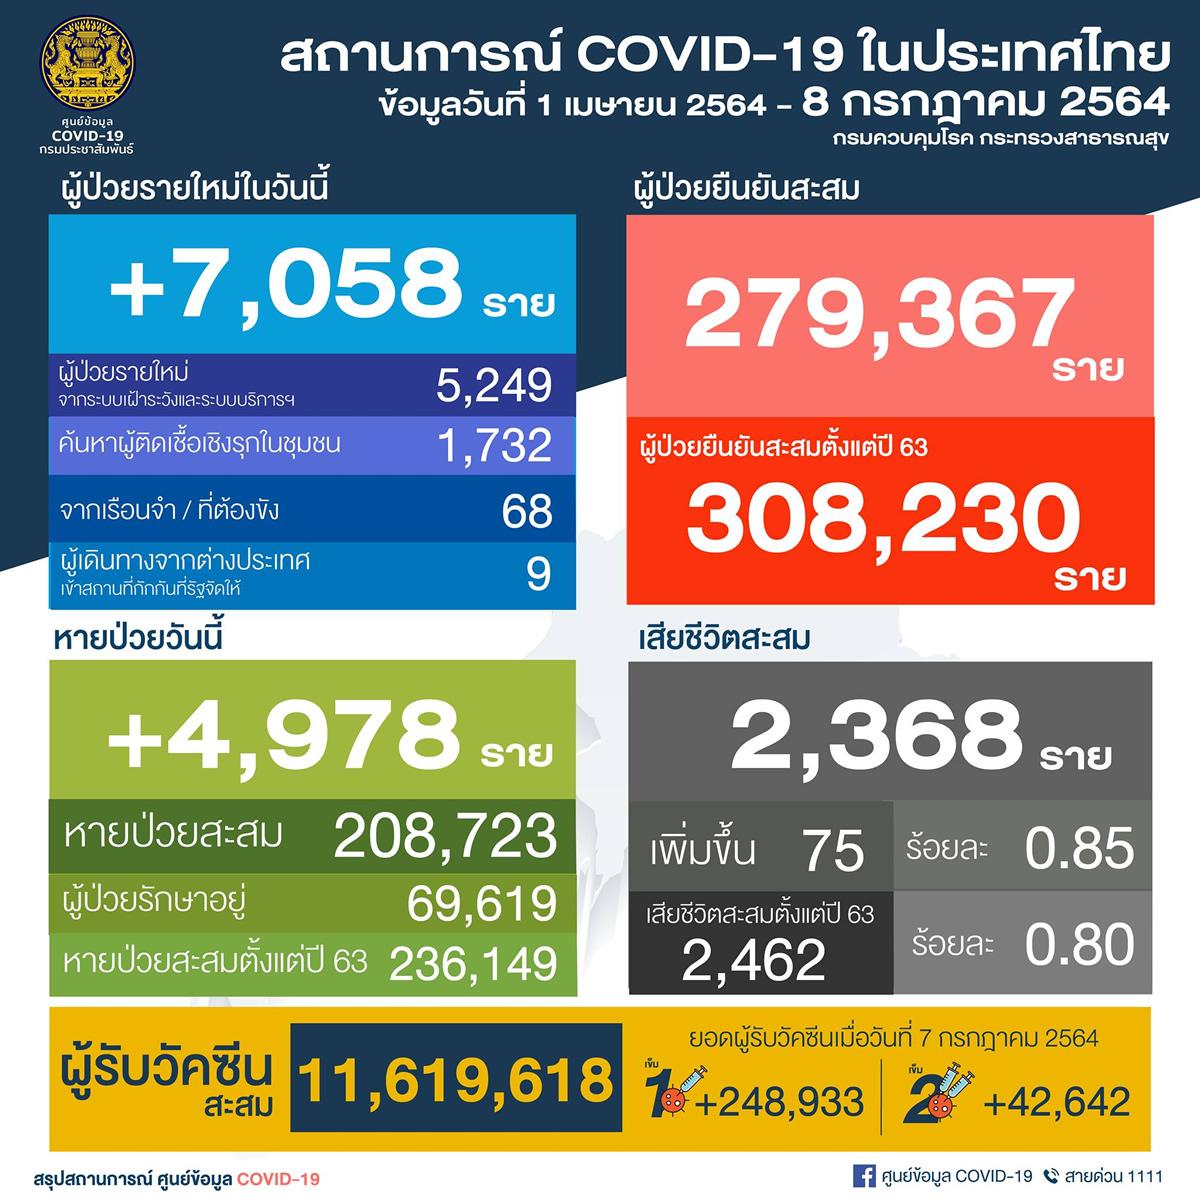 タイ過去最多の7,058人陽性 75人死亡/バンコク2,212人[2021年7月8日発表]